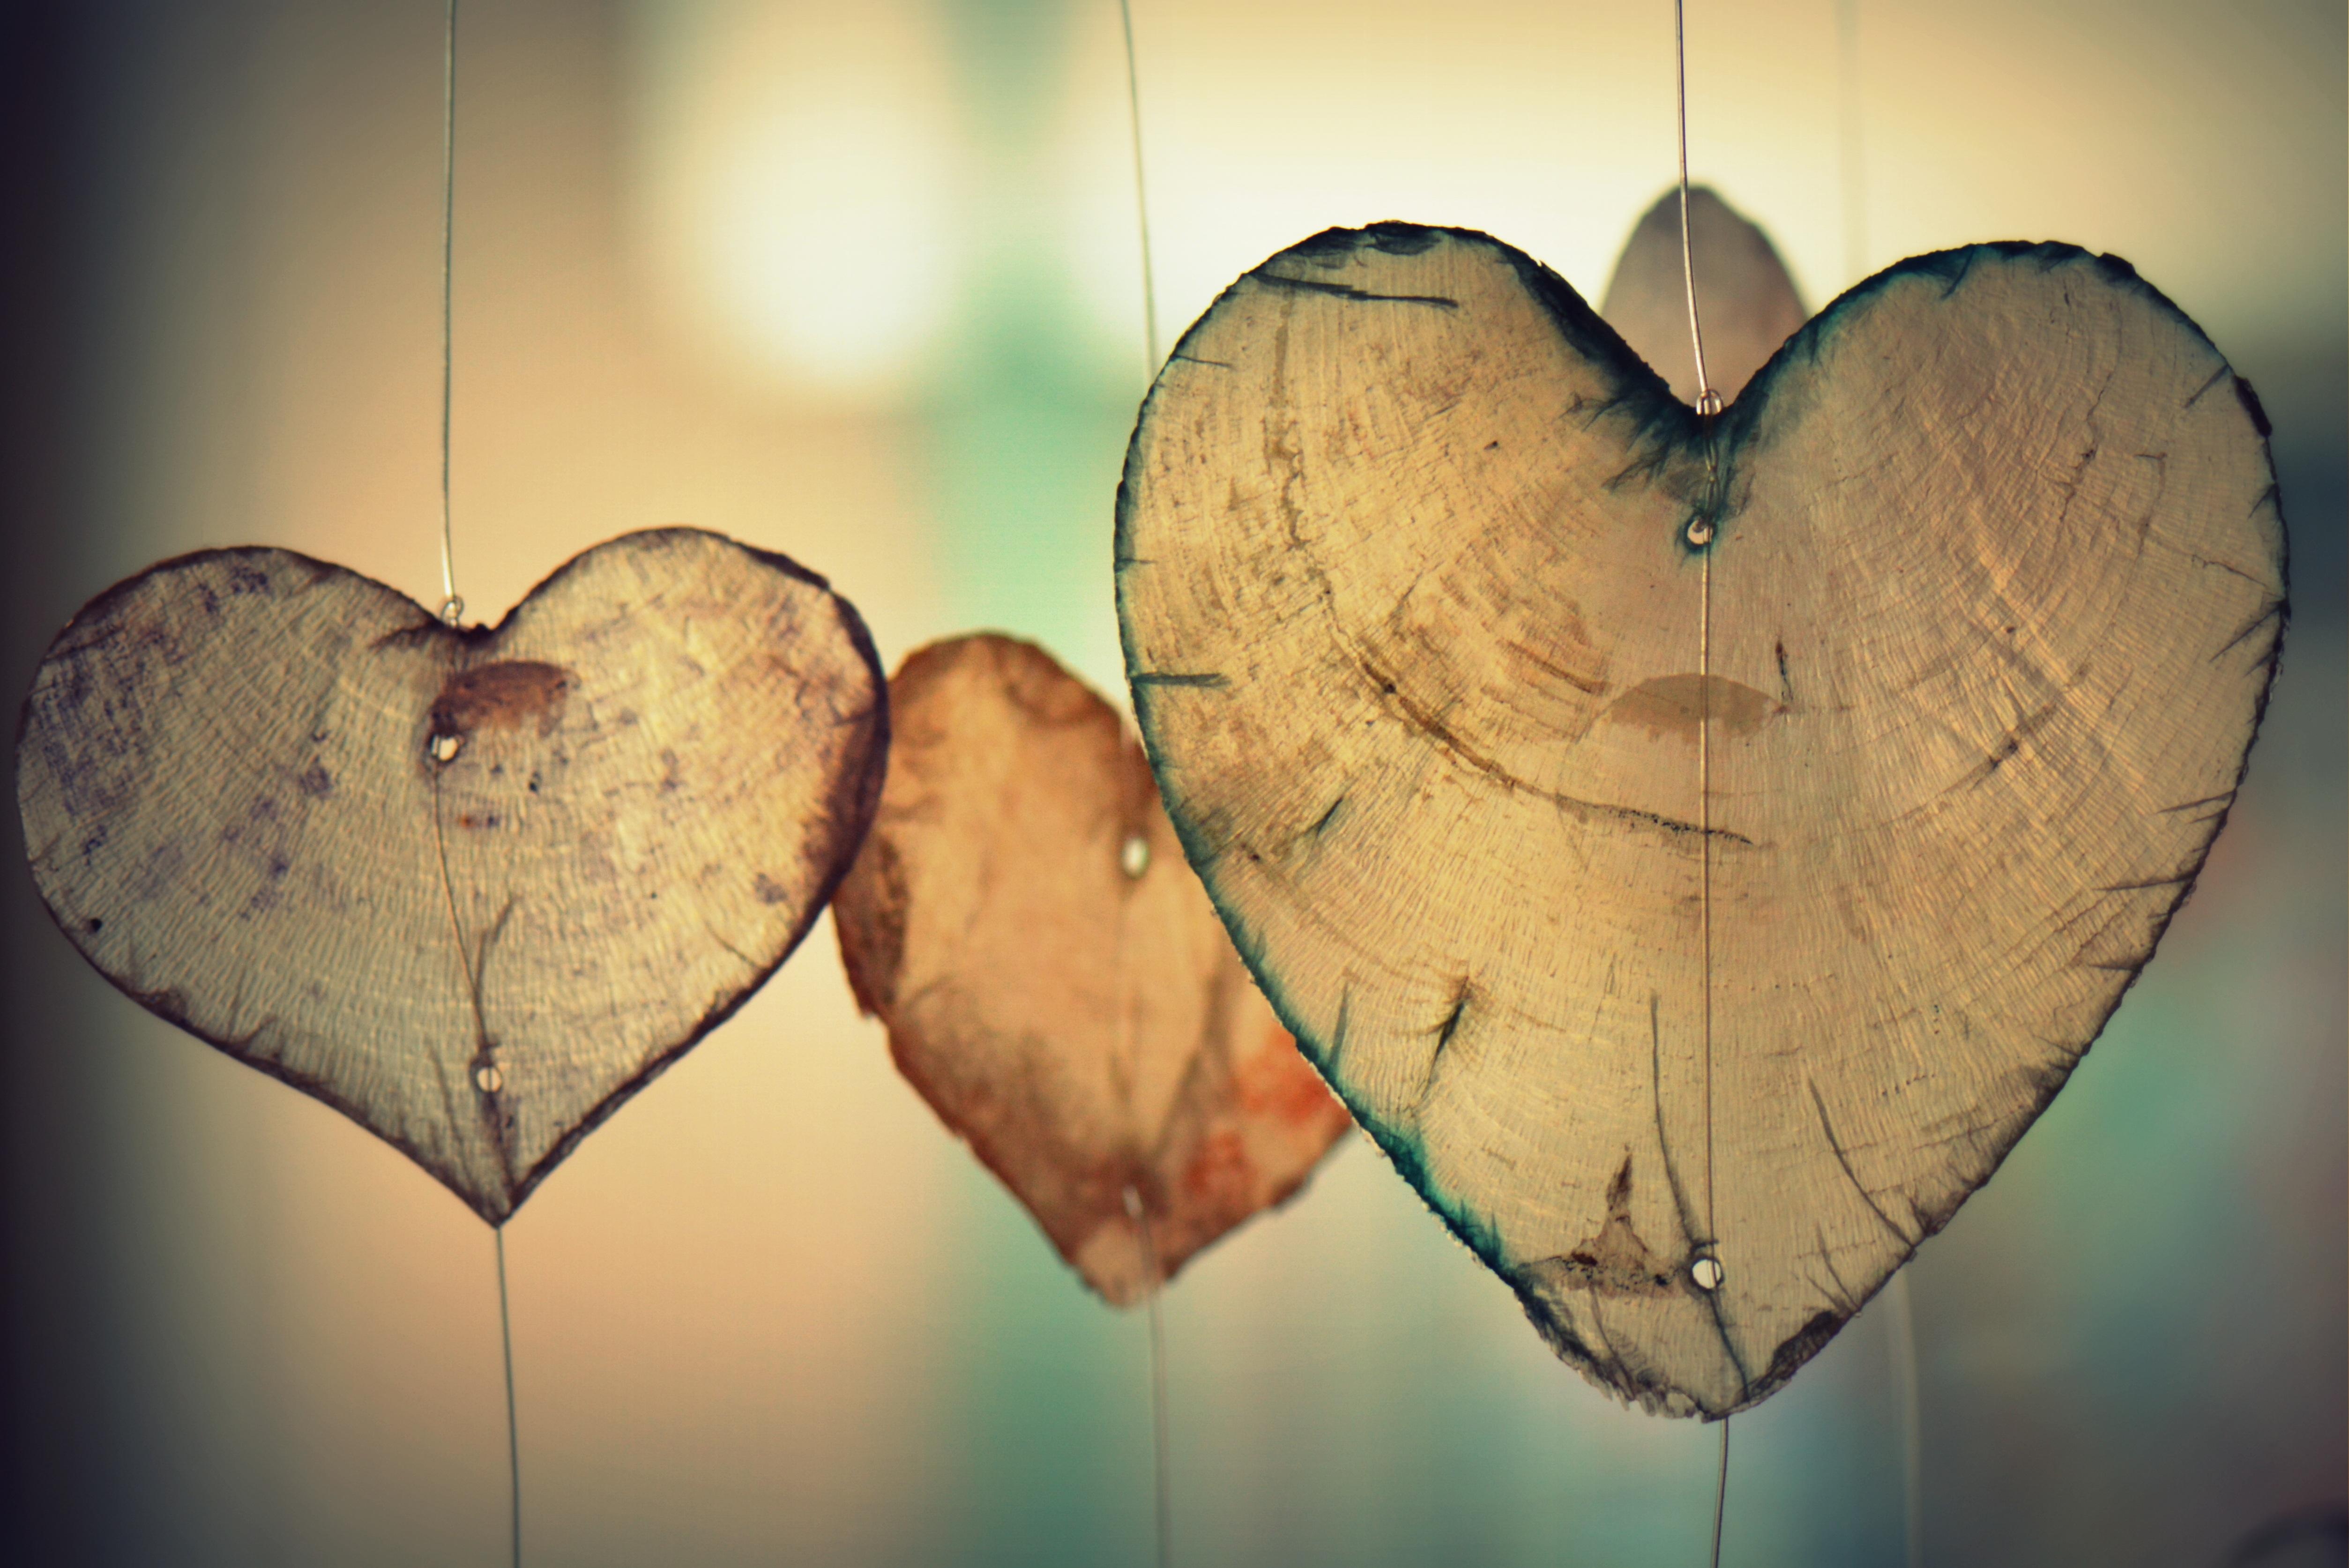 Cohérence cardiaque : de battre mon cœur a ralenti